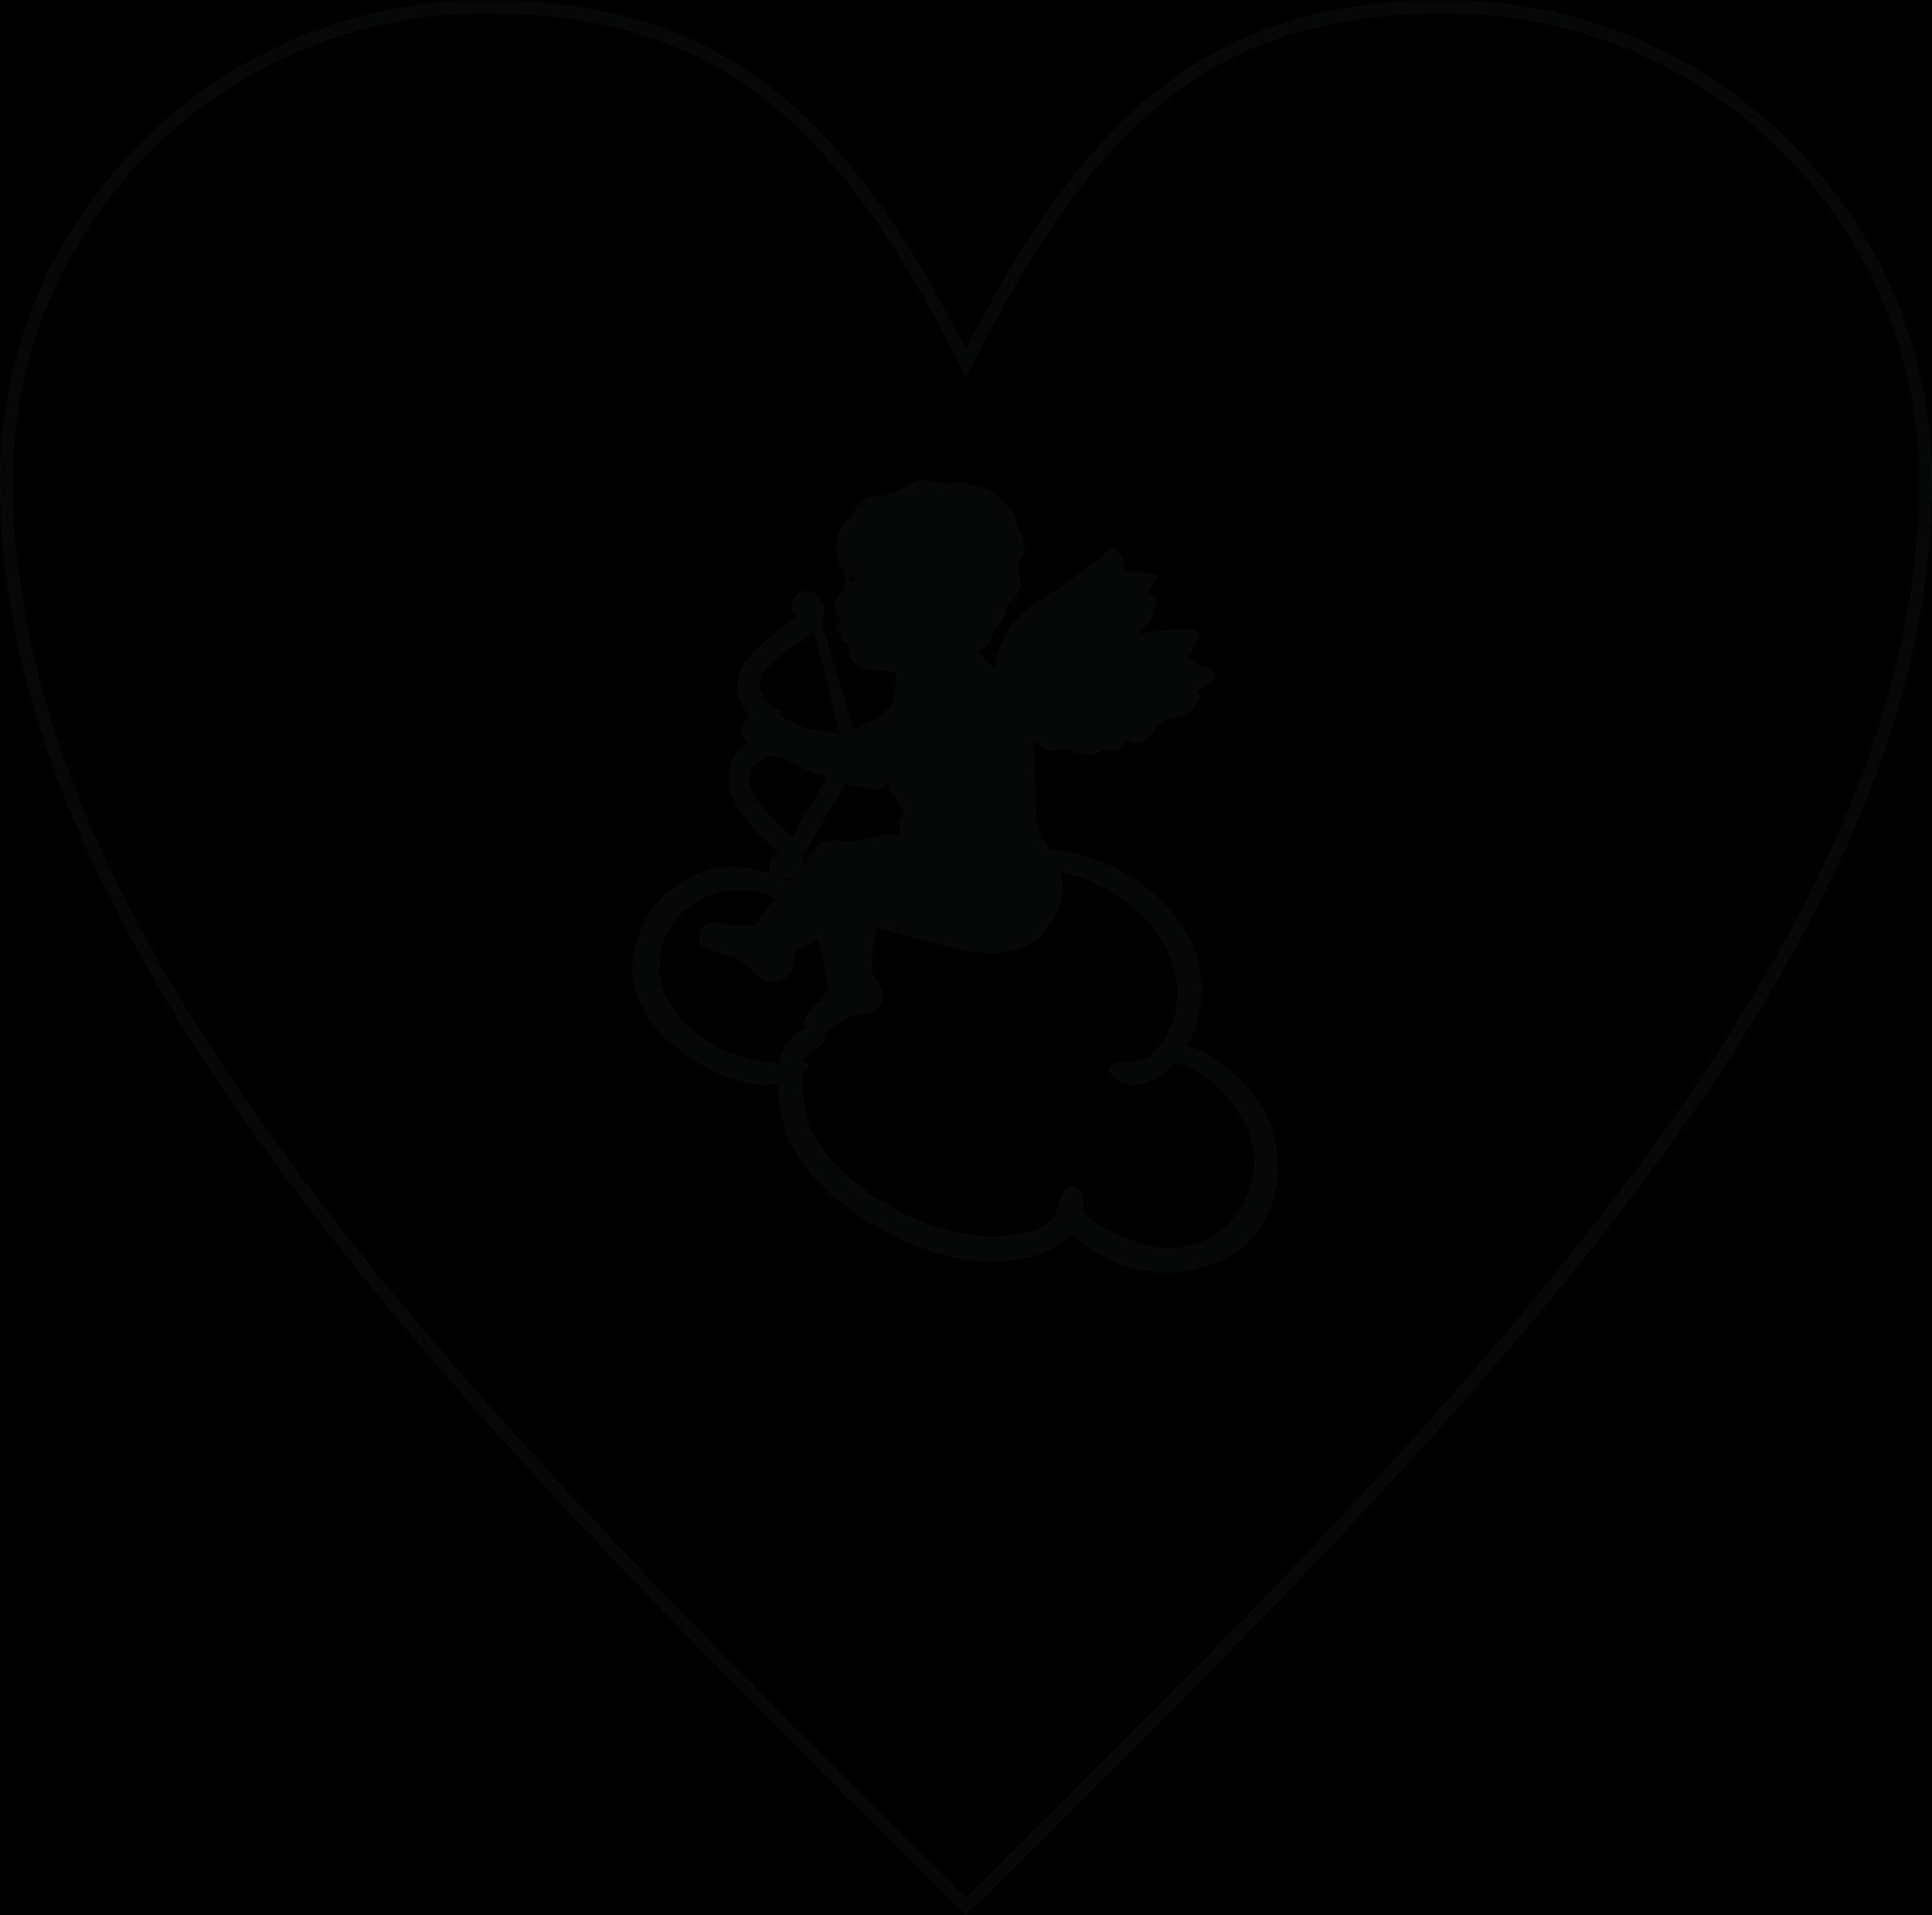 Cupid big image png. Cloud clipart heart